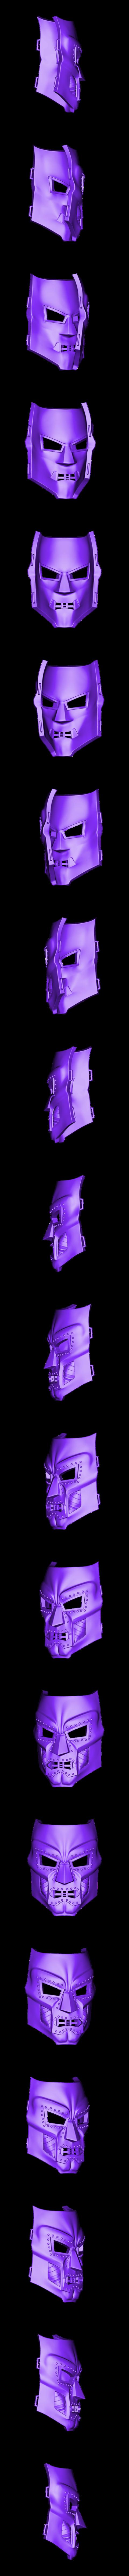 Doom_Mask24cm.stl Download STL file Doom mask - Helmet Marvel 3D print model • 3D printable model, Bstar3Dart